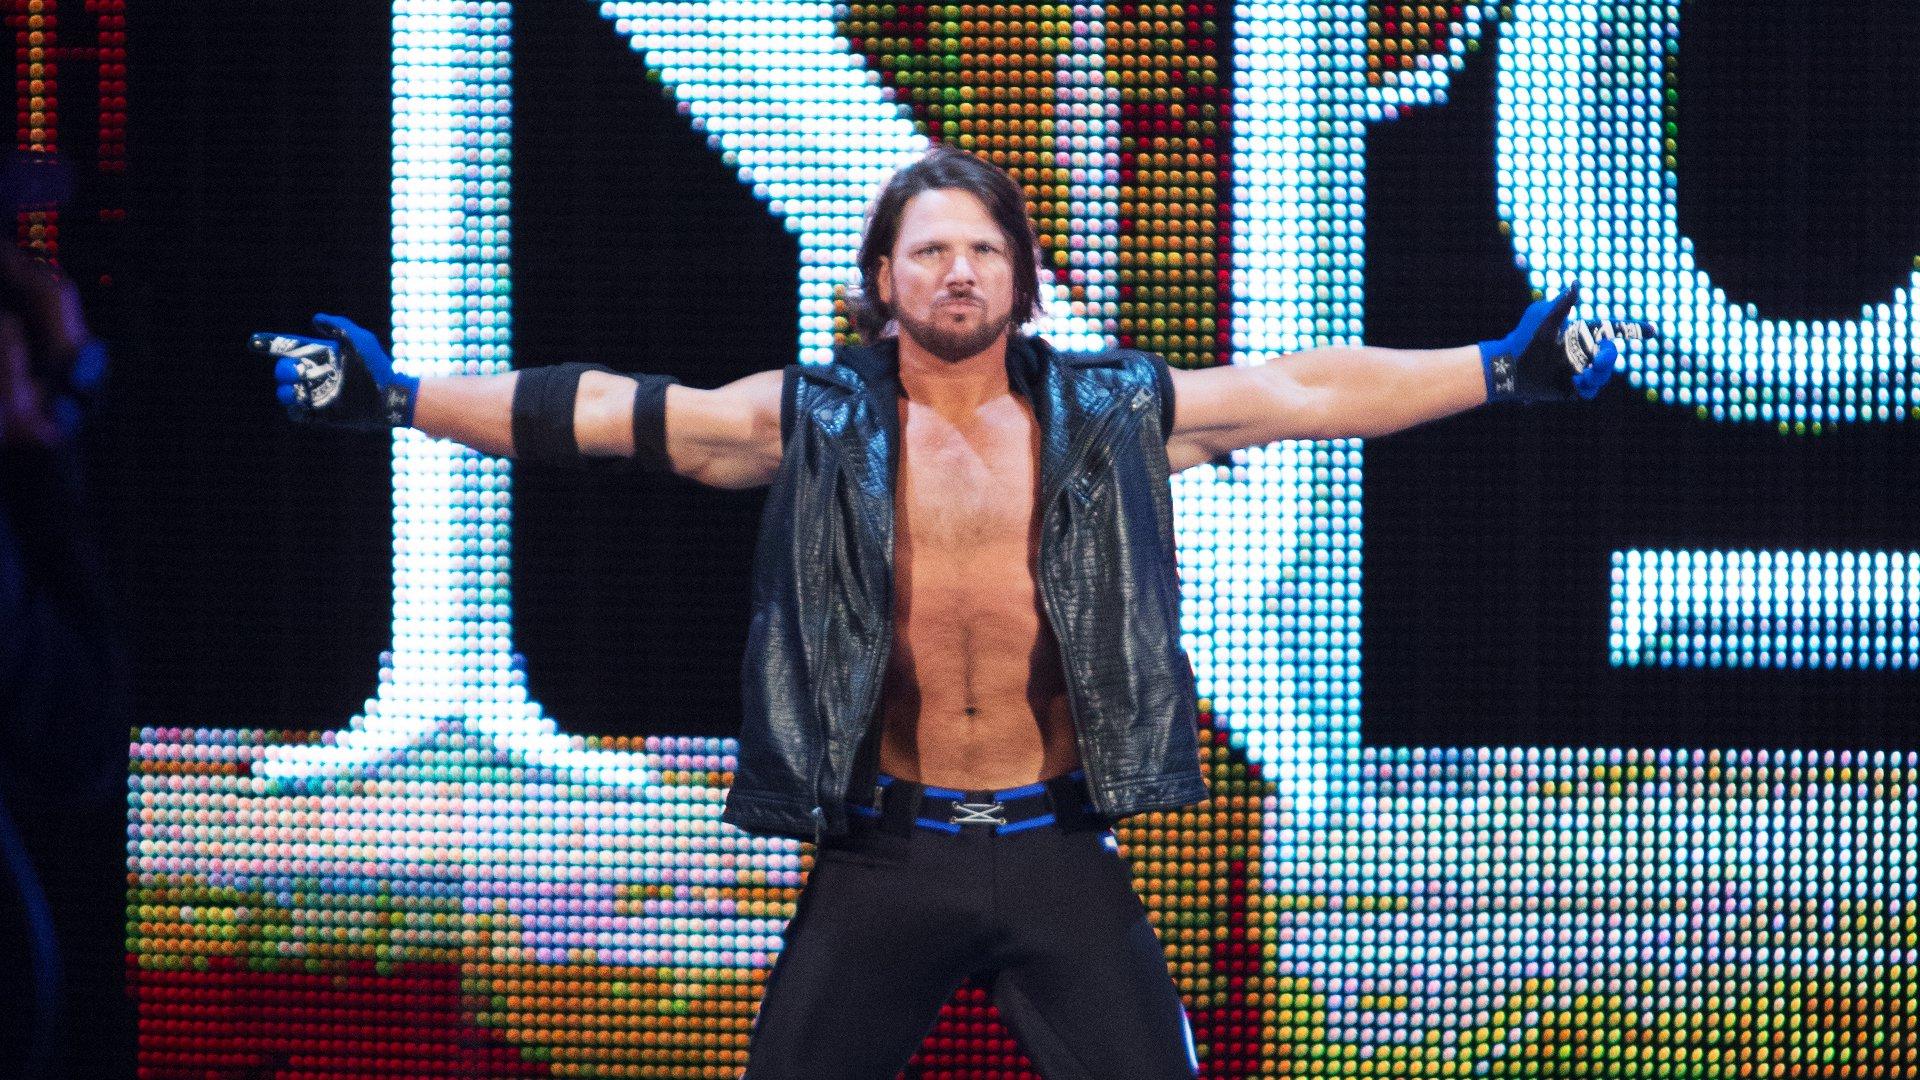 Les débuts mémorables au Royal Rumble: WWE Top 10, 21 Janvier 2019